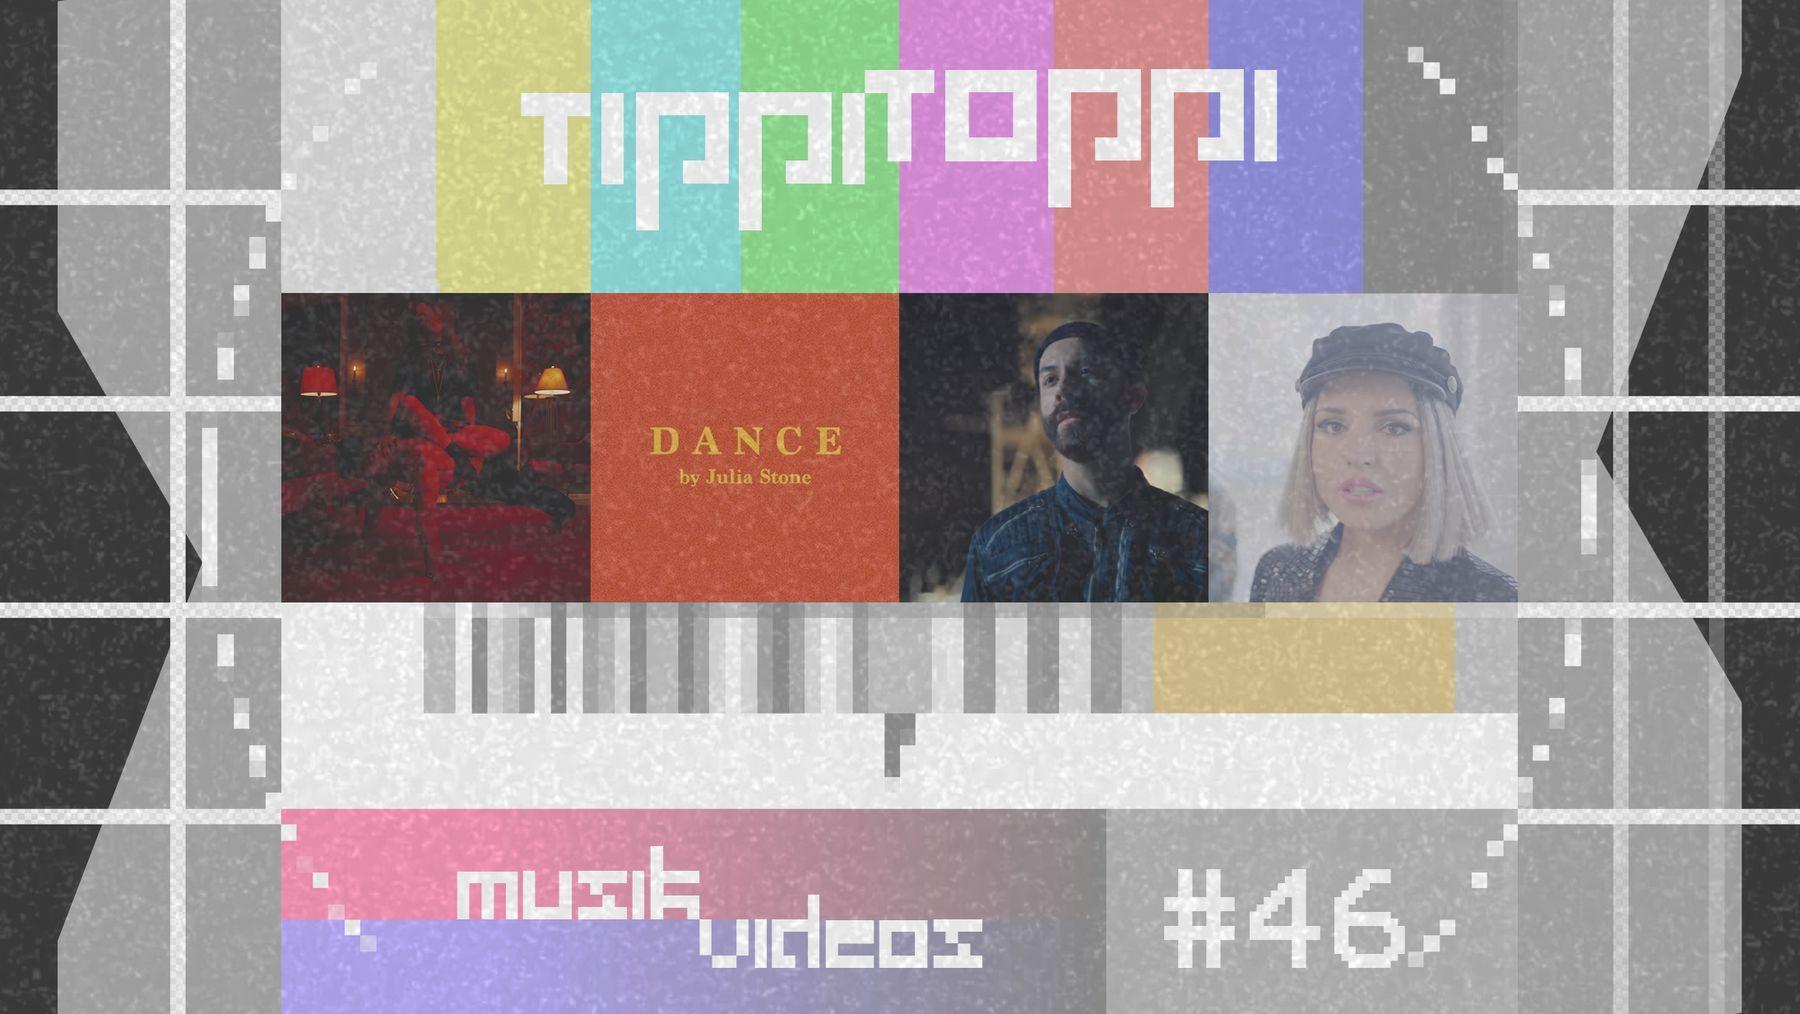 Tippi Toppi Musikvideos Vol. 46 – Das vorletzte Video ist eigentlich verboten | Musik | Was is hier eigentlich los?